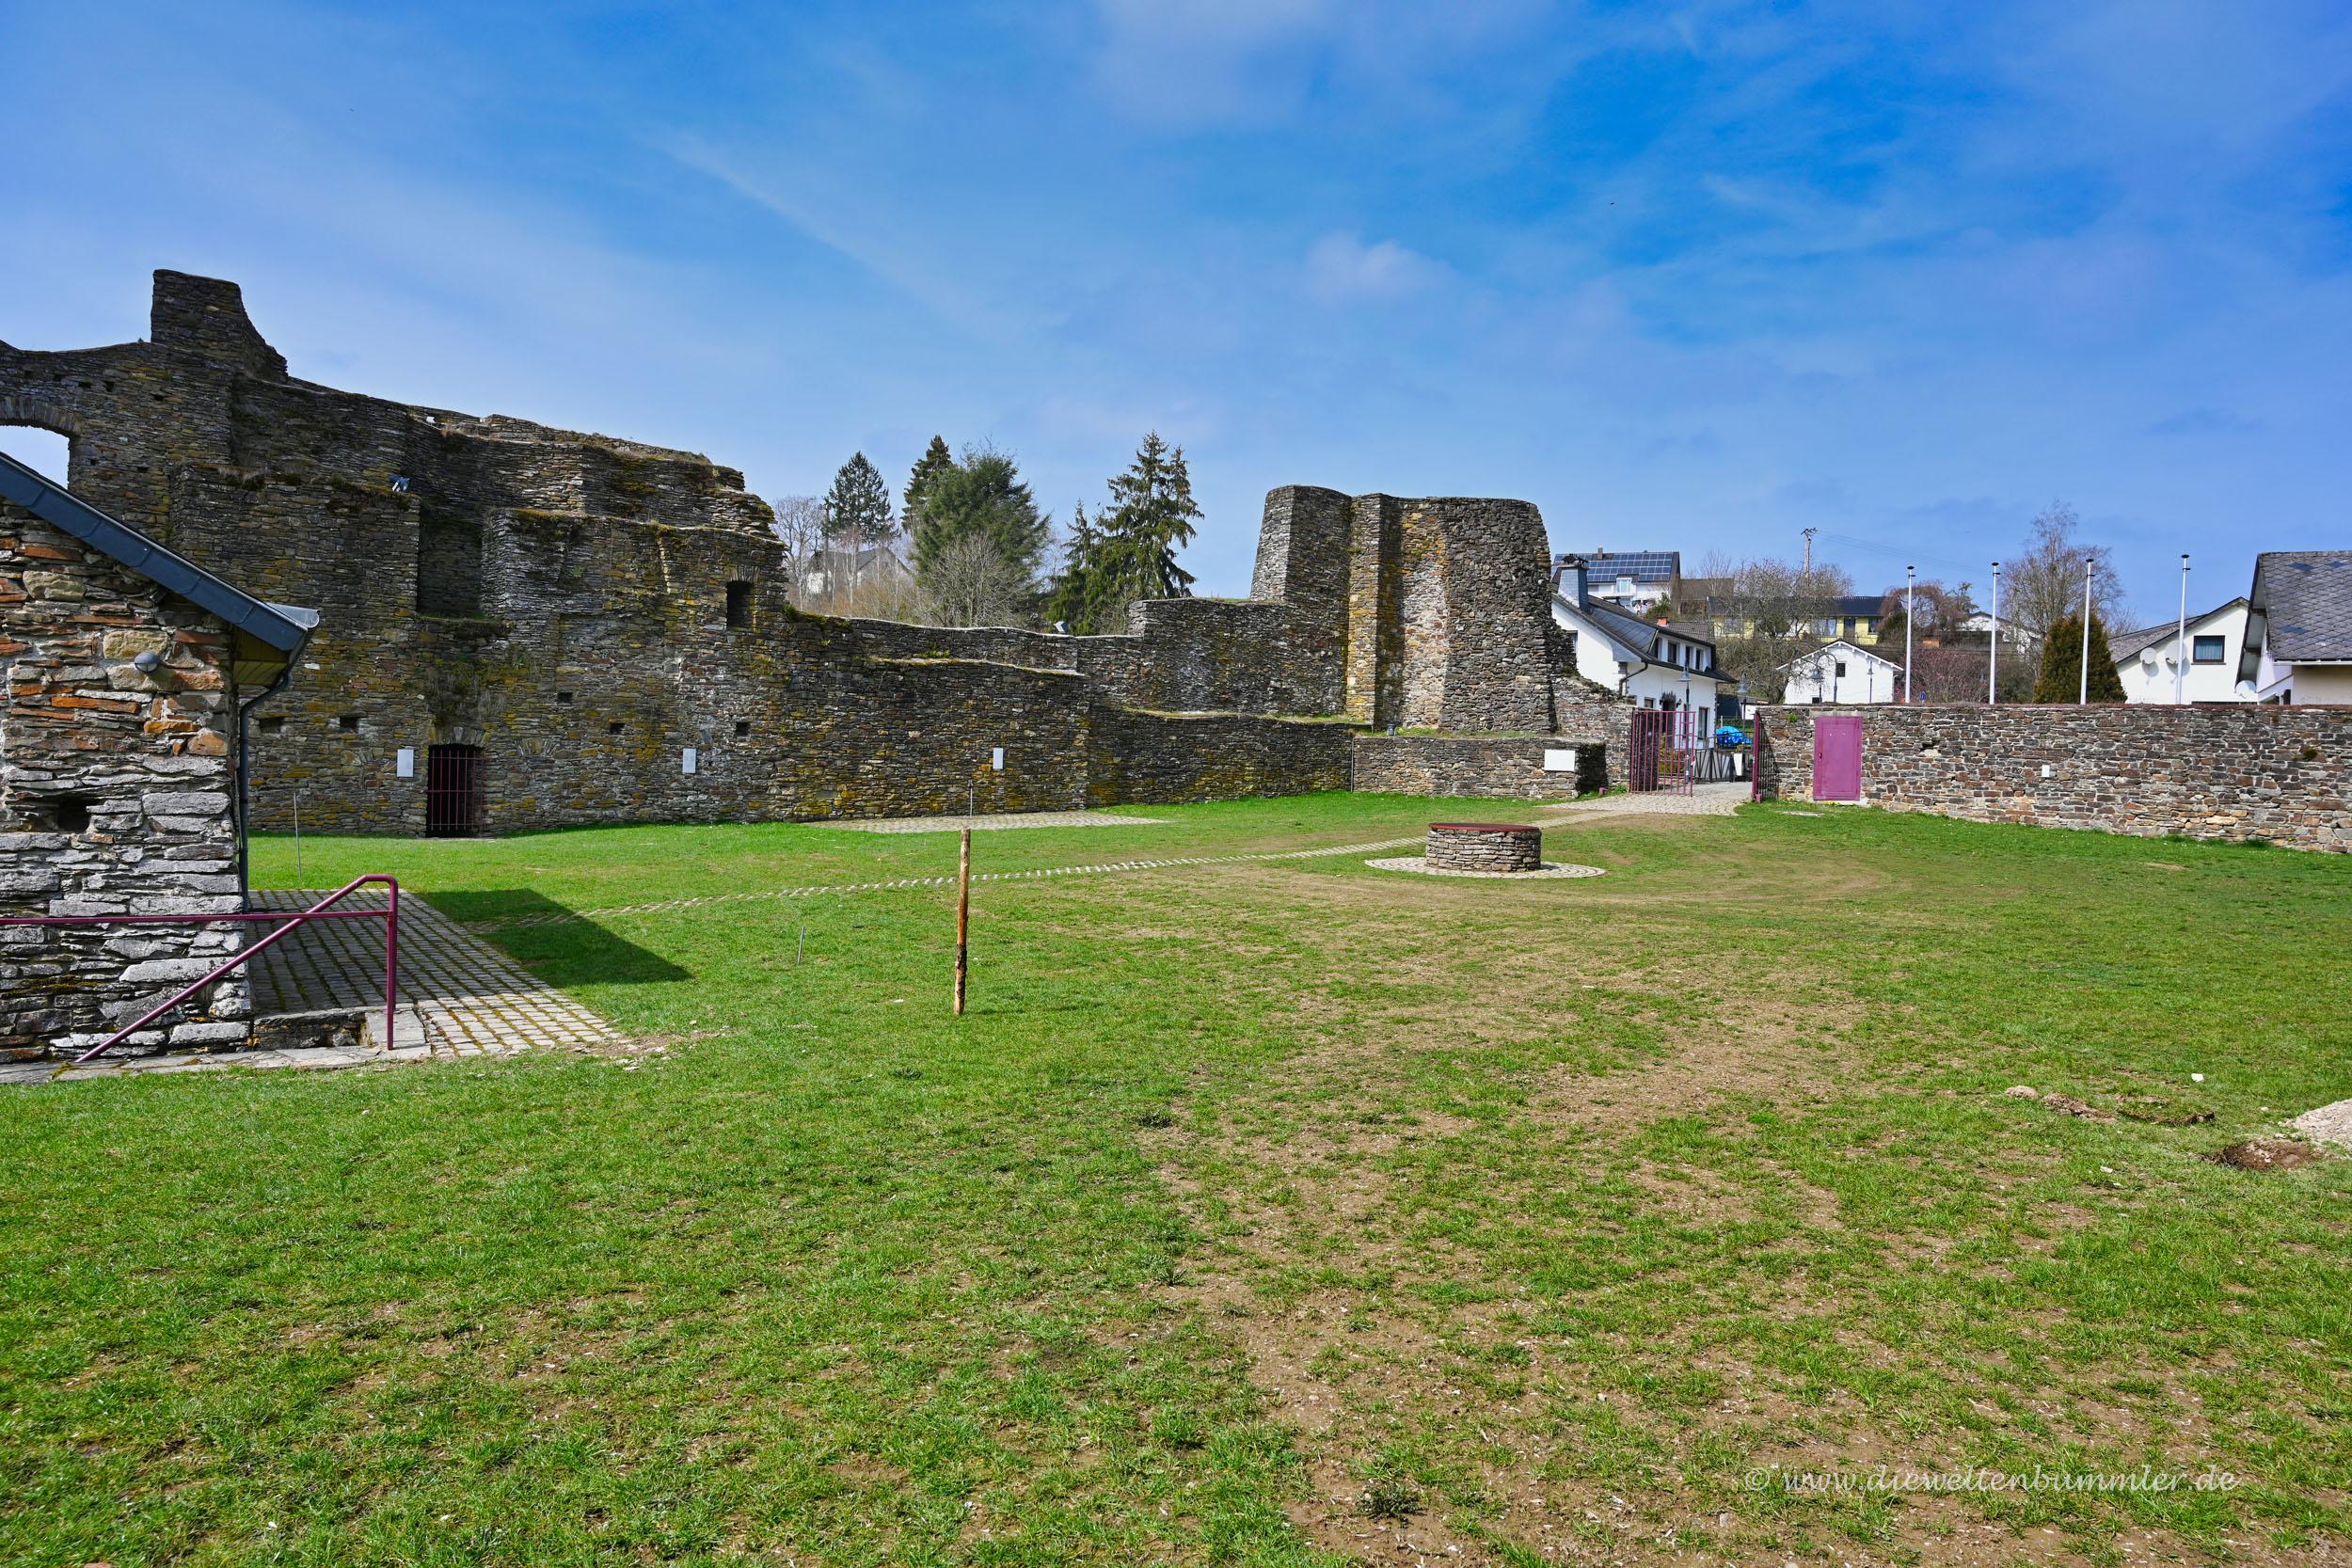 Innenhof der Burg Reuland